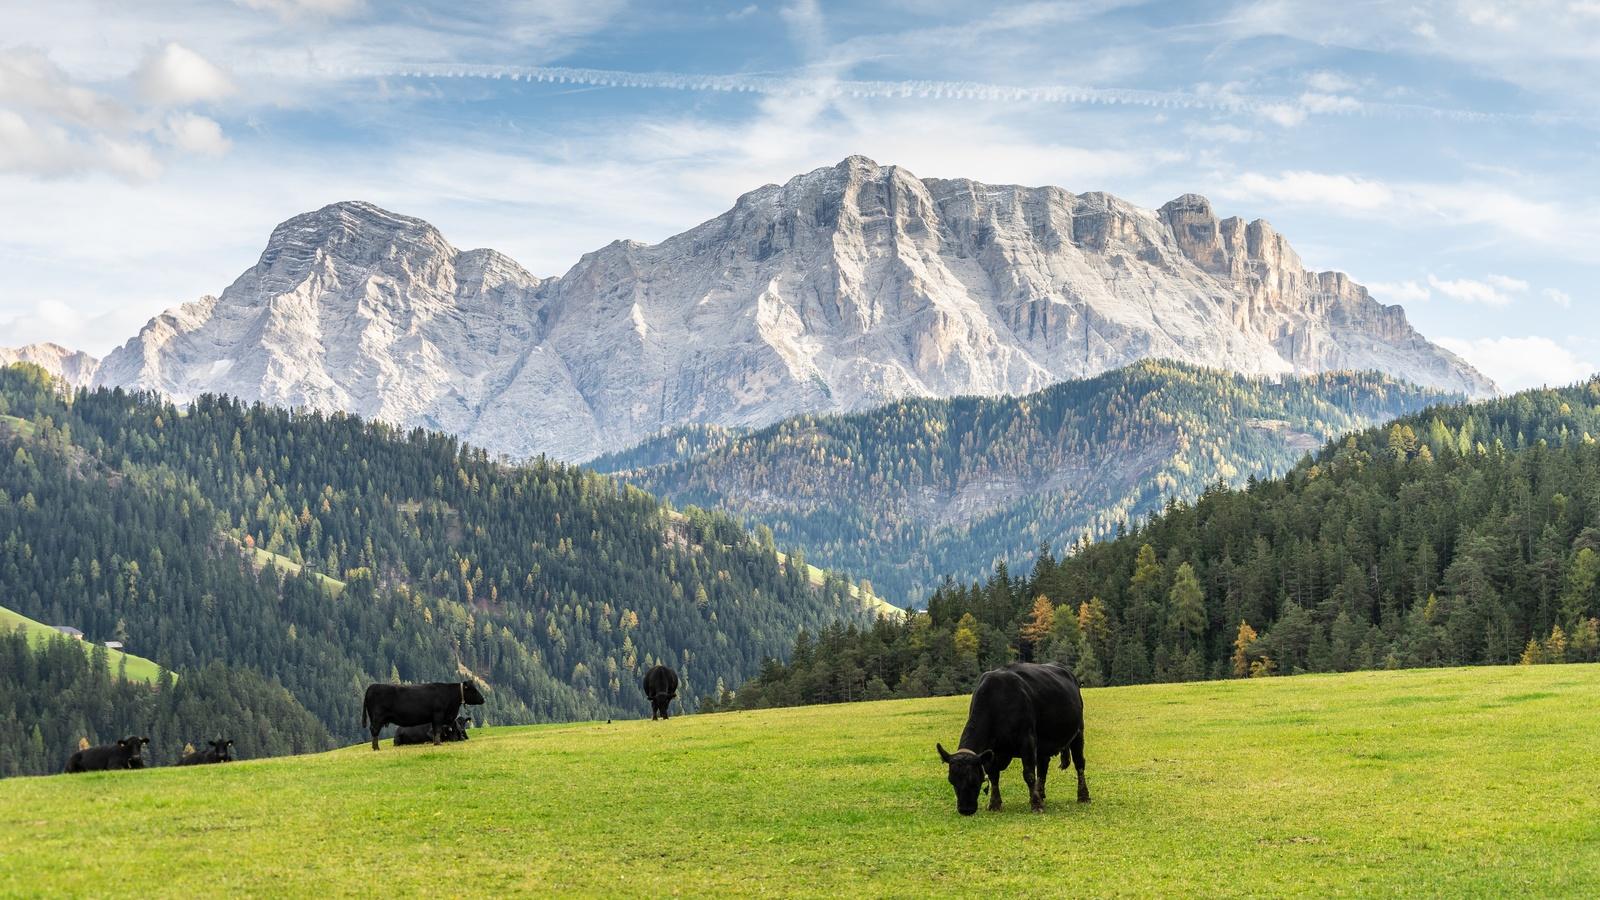 луга, горы, коровы